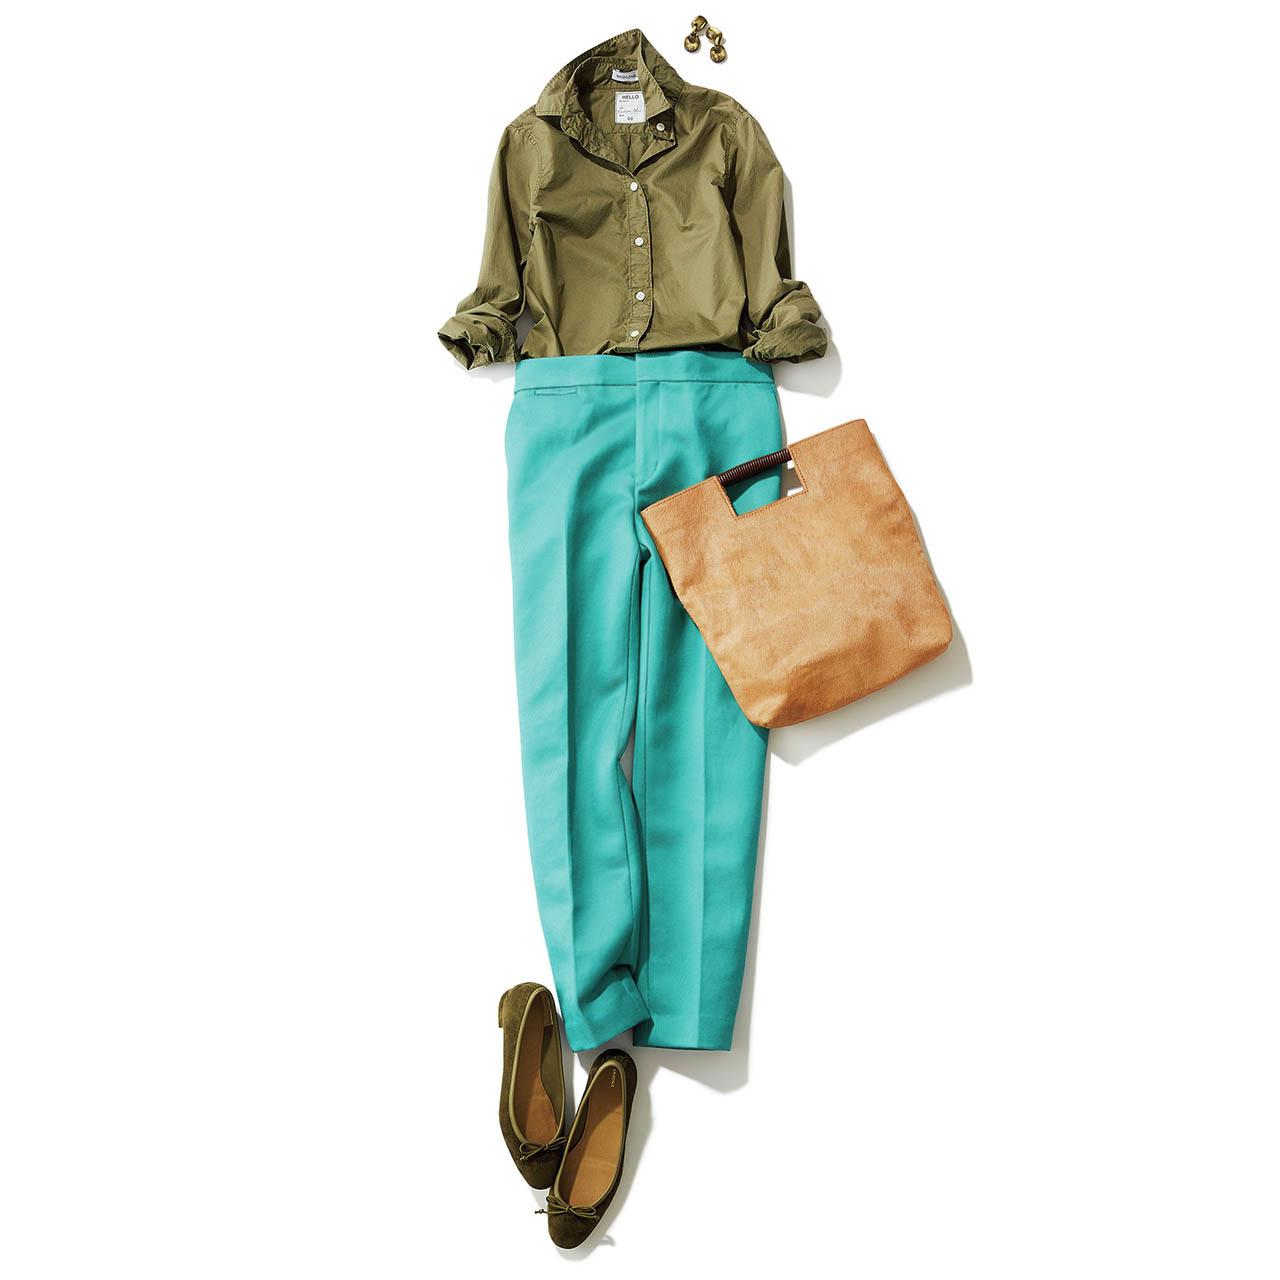 カーキシャツ×エメラルドグリーンのパンツコーデ